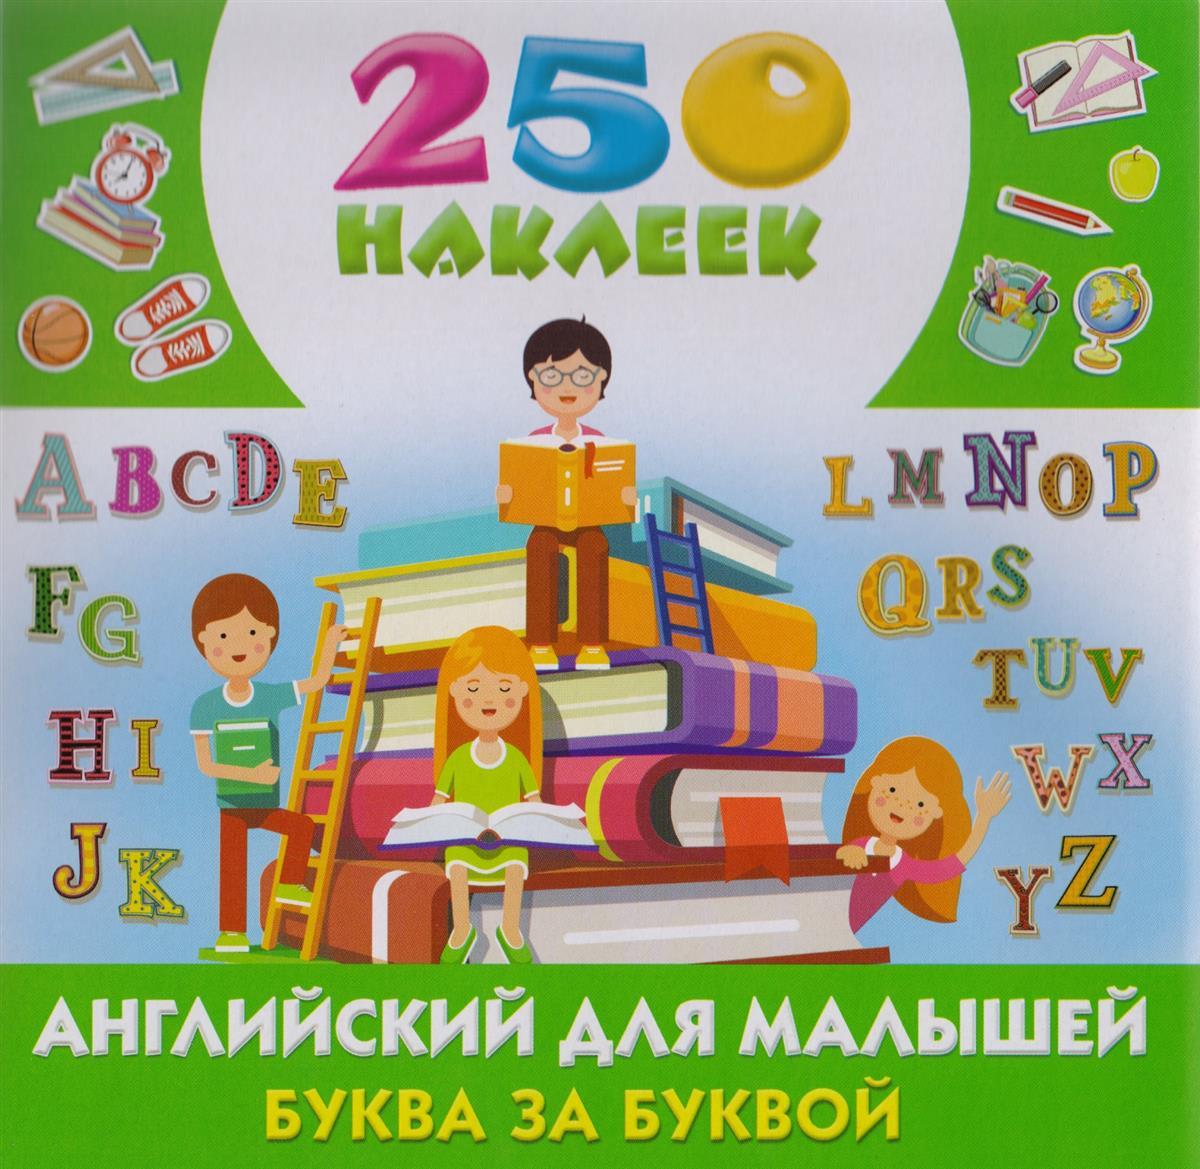 Английский для малышей. Буква за буквой. 250 наклеек